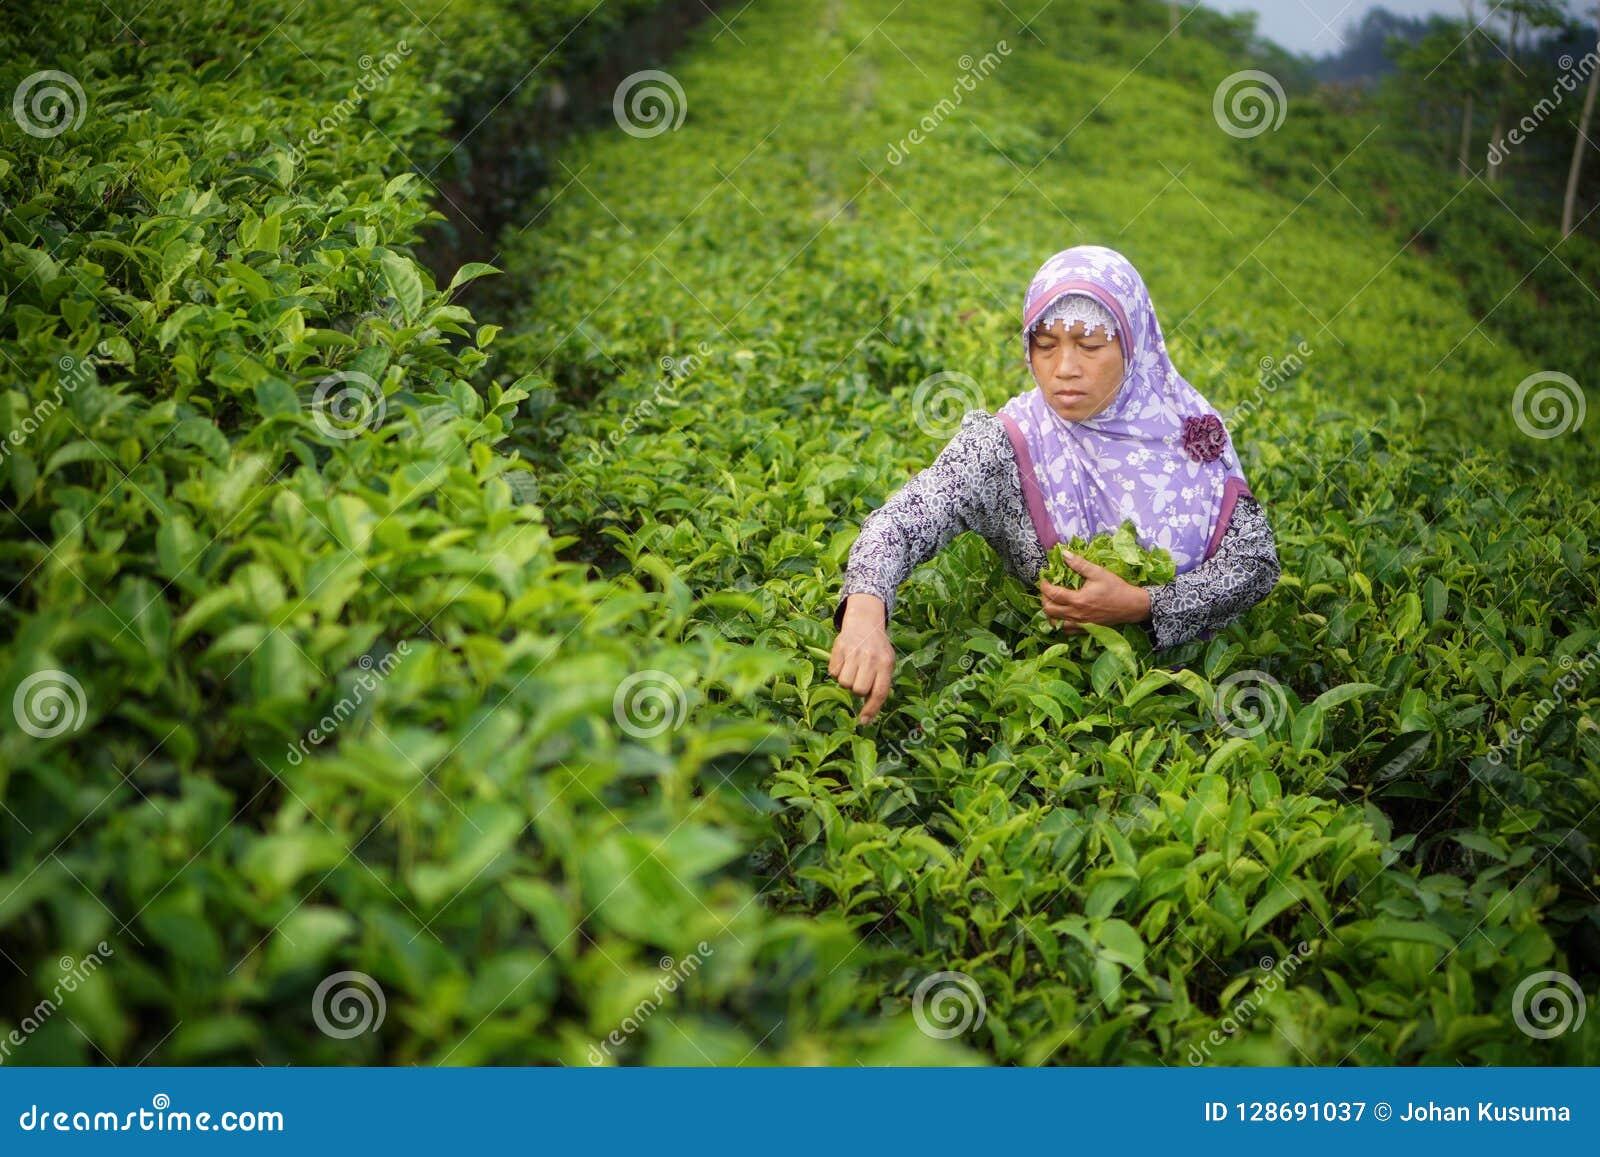 Θηλυκά φύλλα τσαγιού επιλογής εργαζομένων στη φυτεία τσαγιού